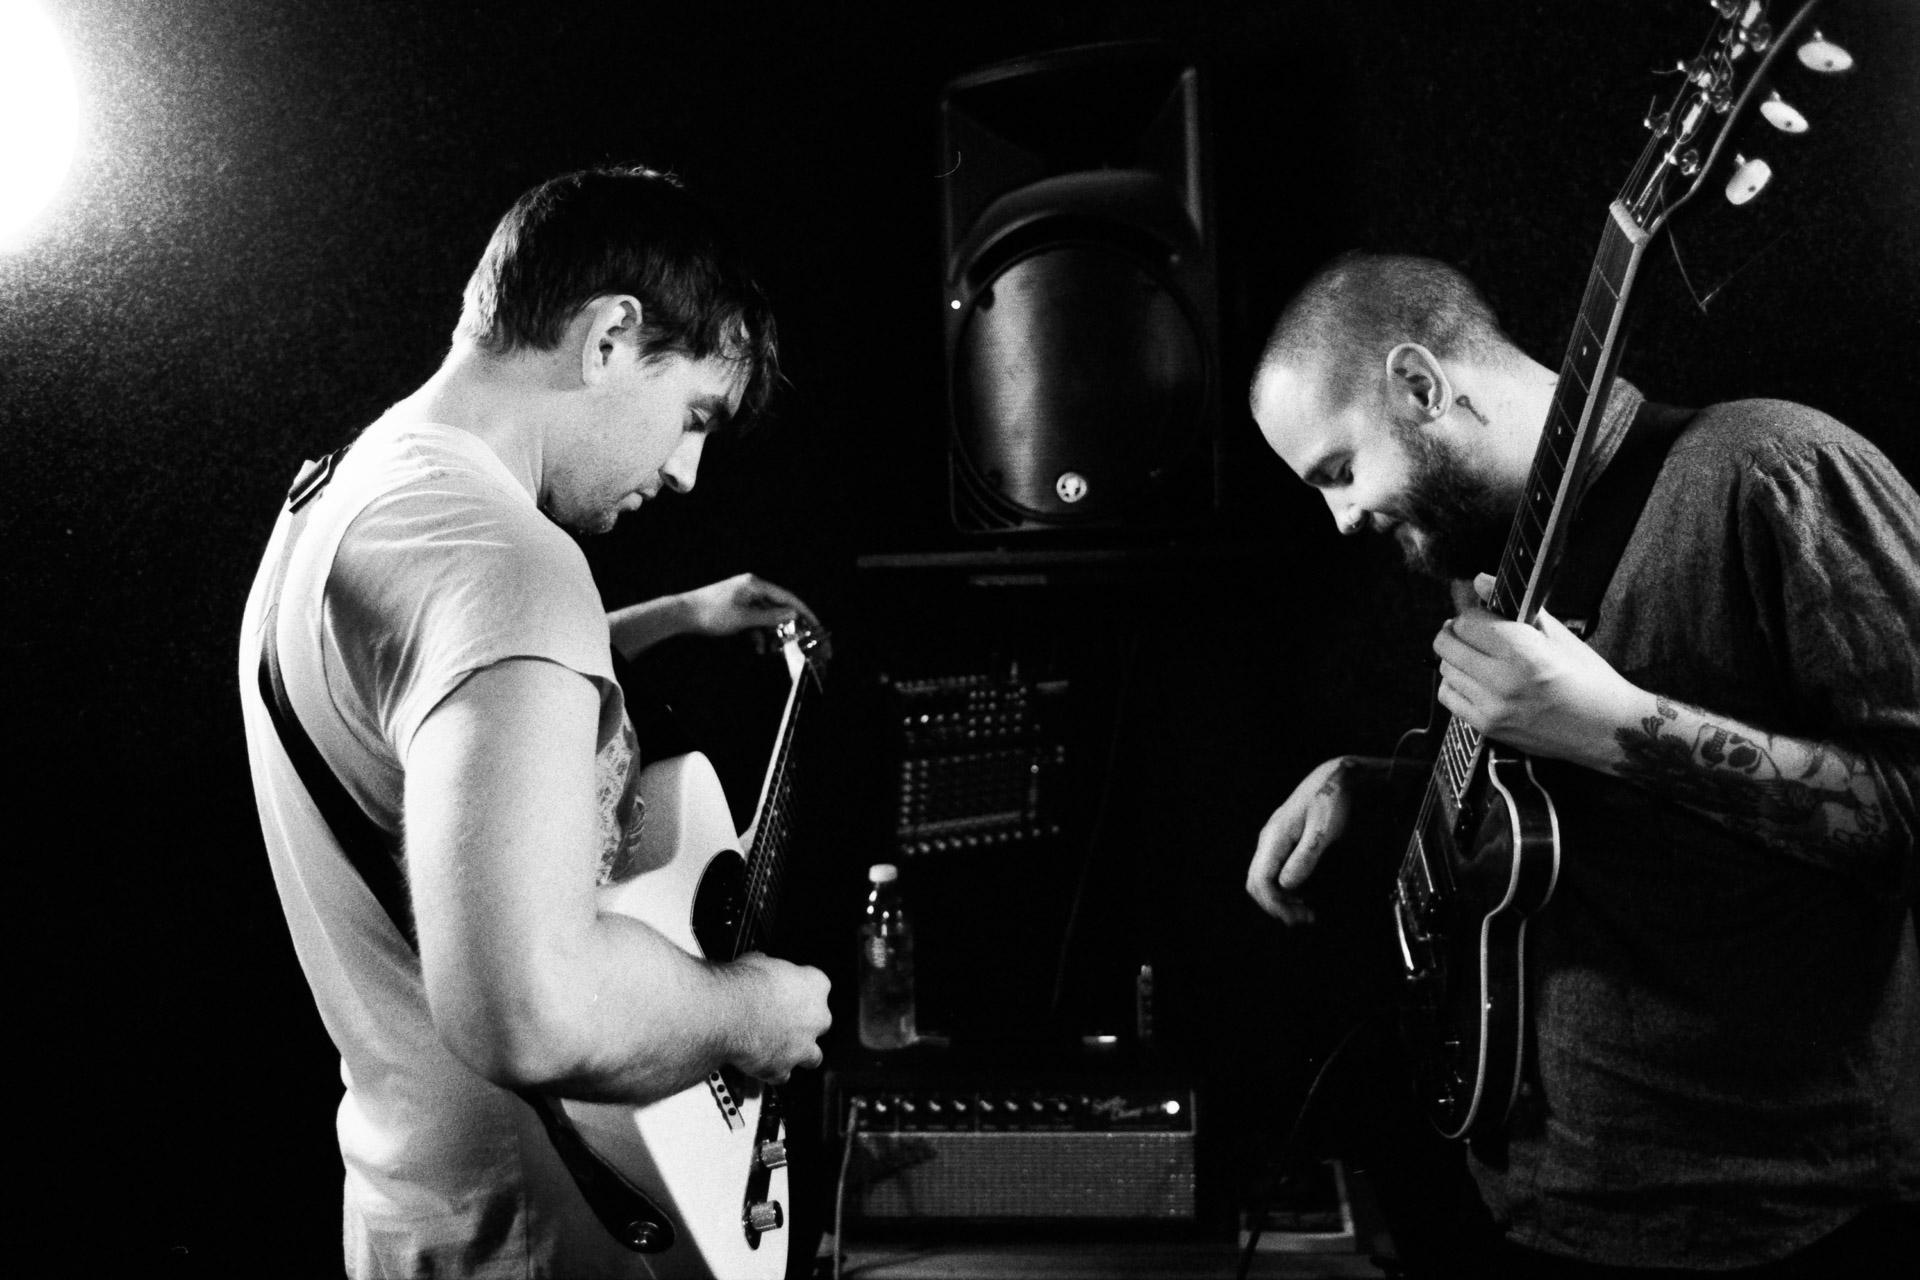 Band Practise. September 2018.